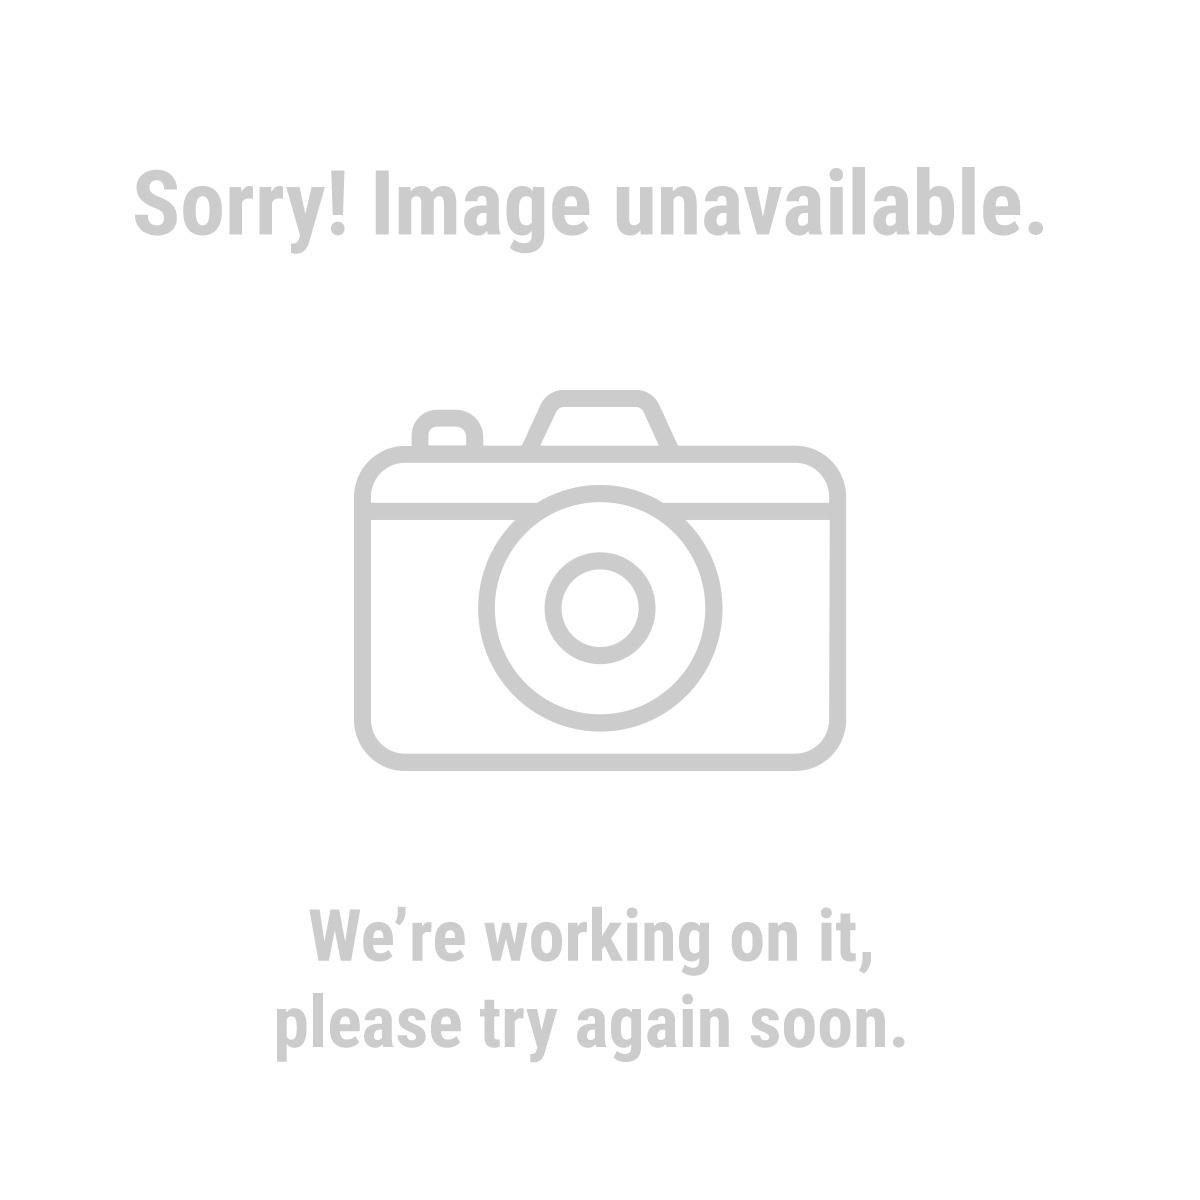 Voyager 61925 20 in. Rollaway Tool Bag